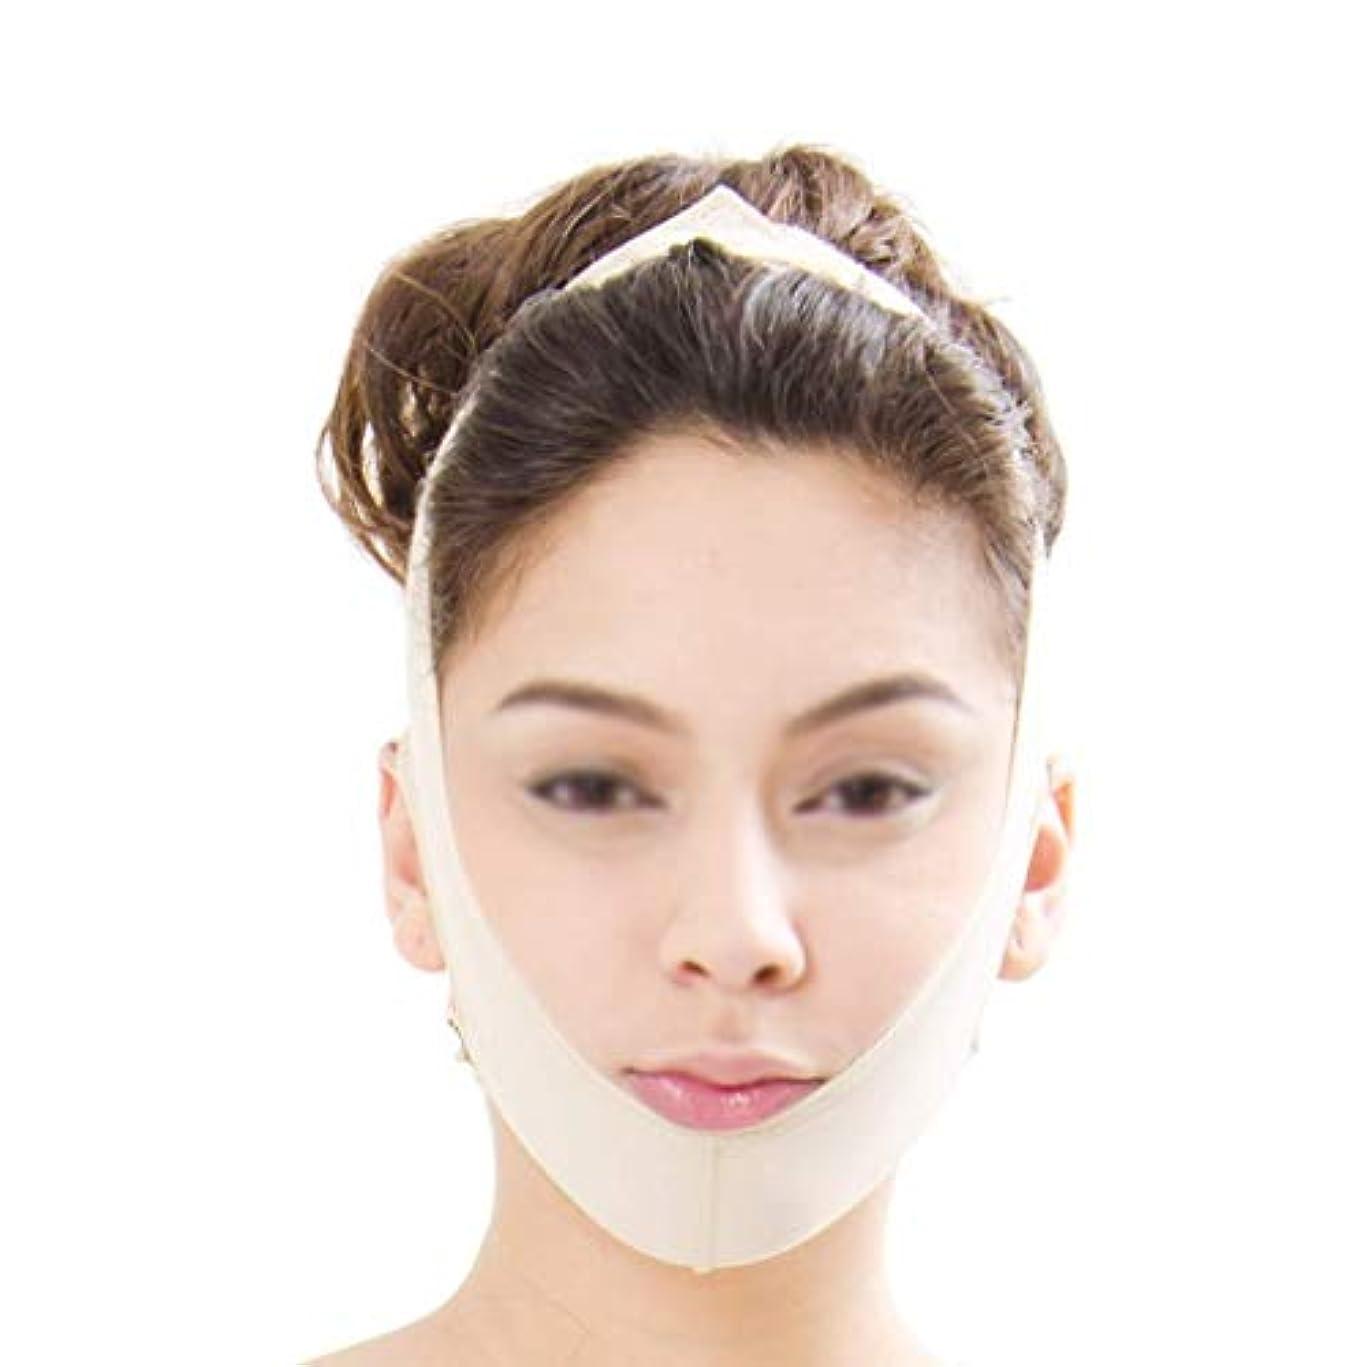 フェイススリミングバンデージ、フェイスリフティングマスク、フェイスリフティングバンデージ、フェイシャル減量マスク、ダブルチンケア減量(サイズ:M),XXL